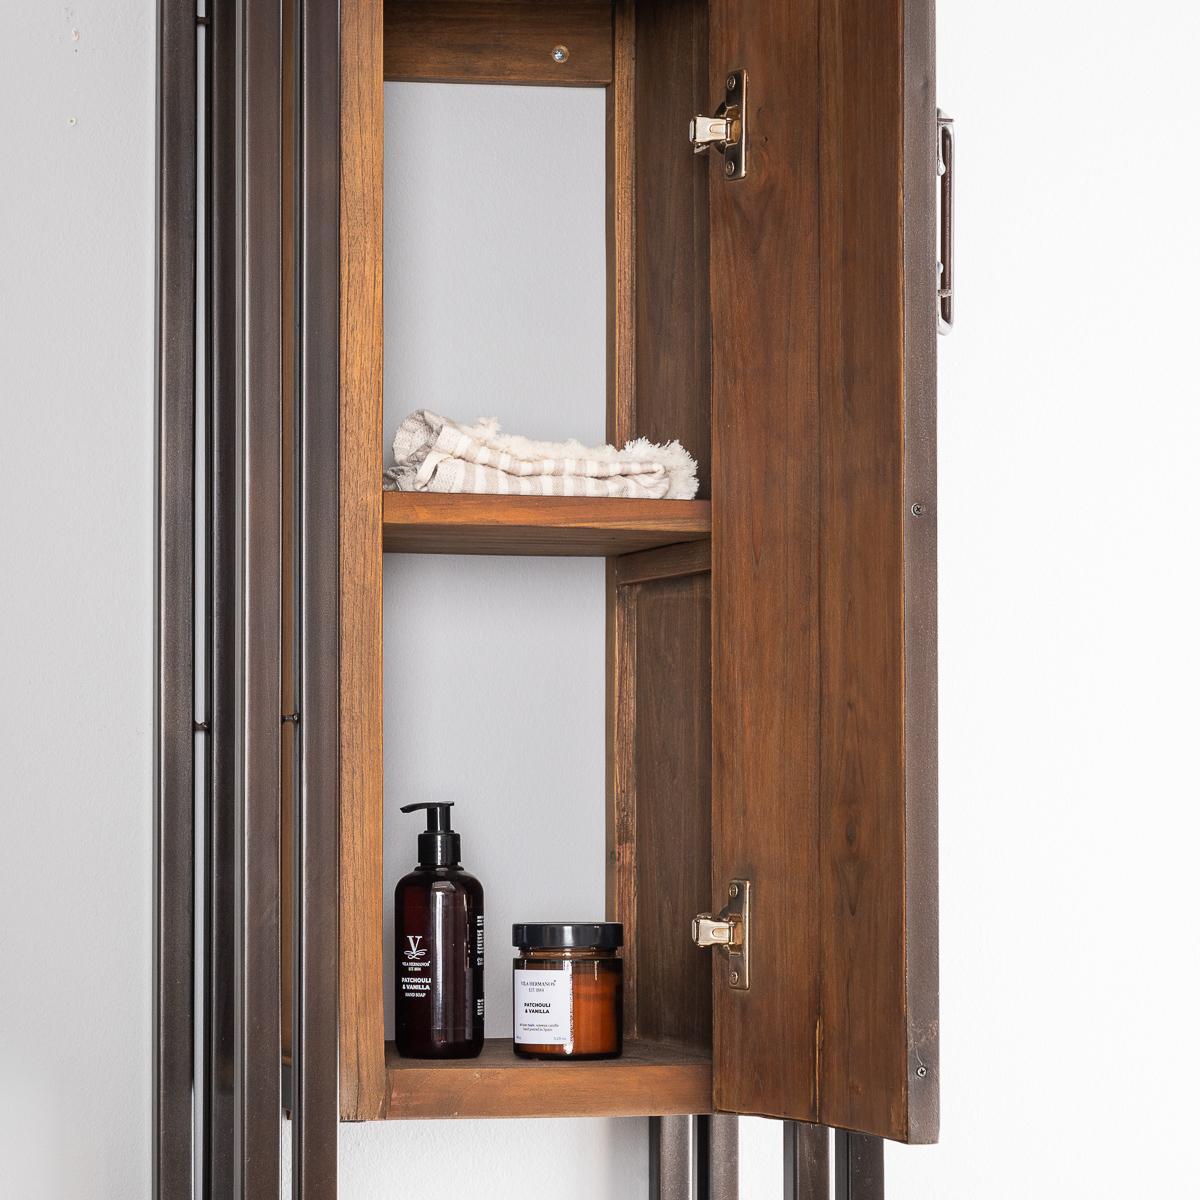 Colonne de rangement suspendue en bois teck massif - Colonne suspendue salle de bain ...